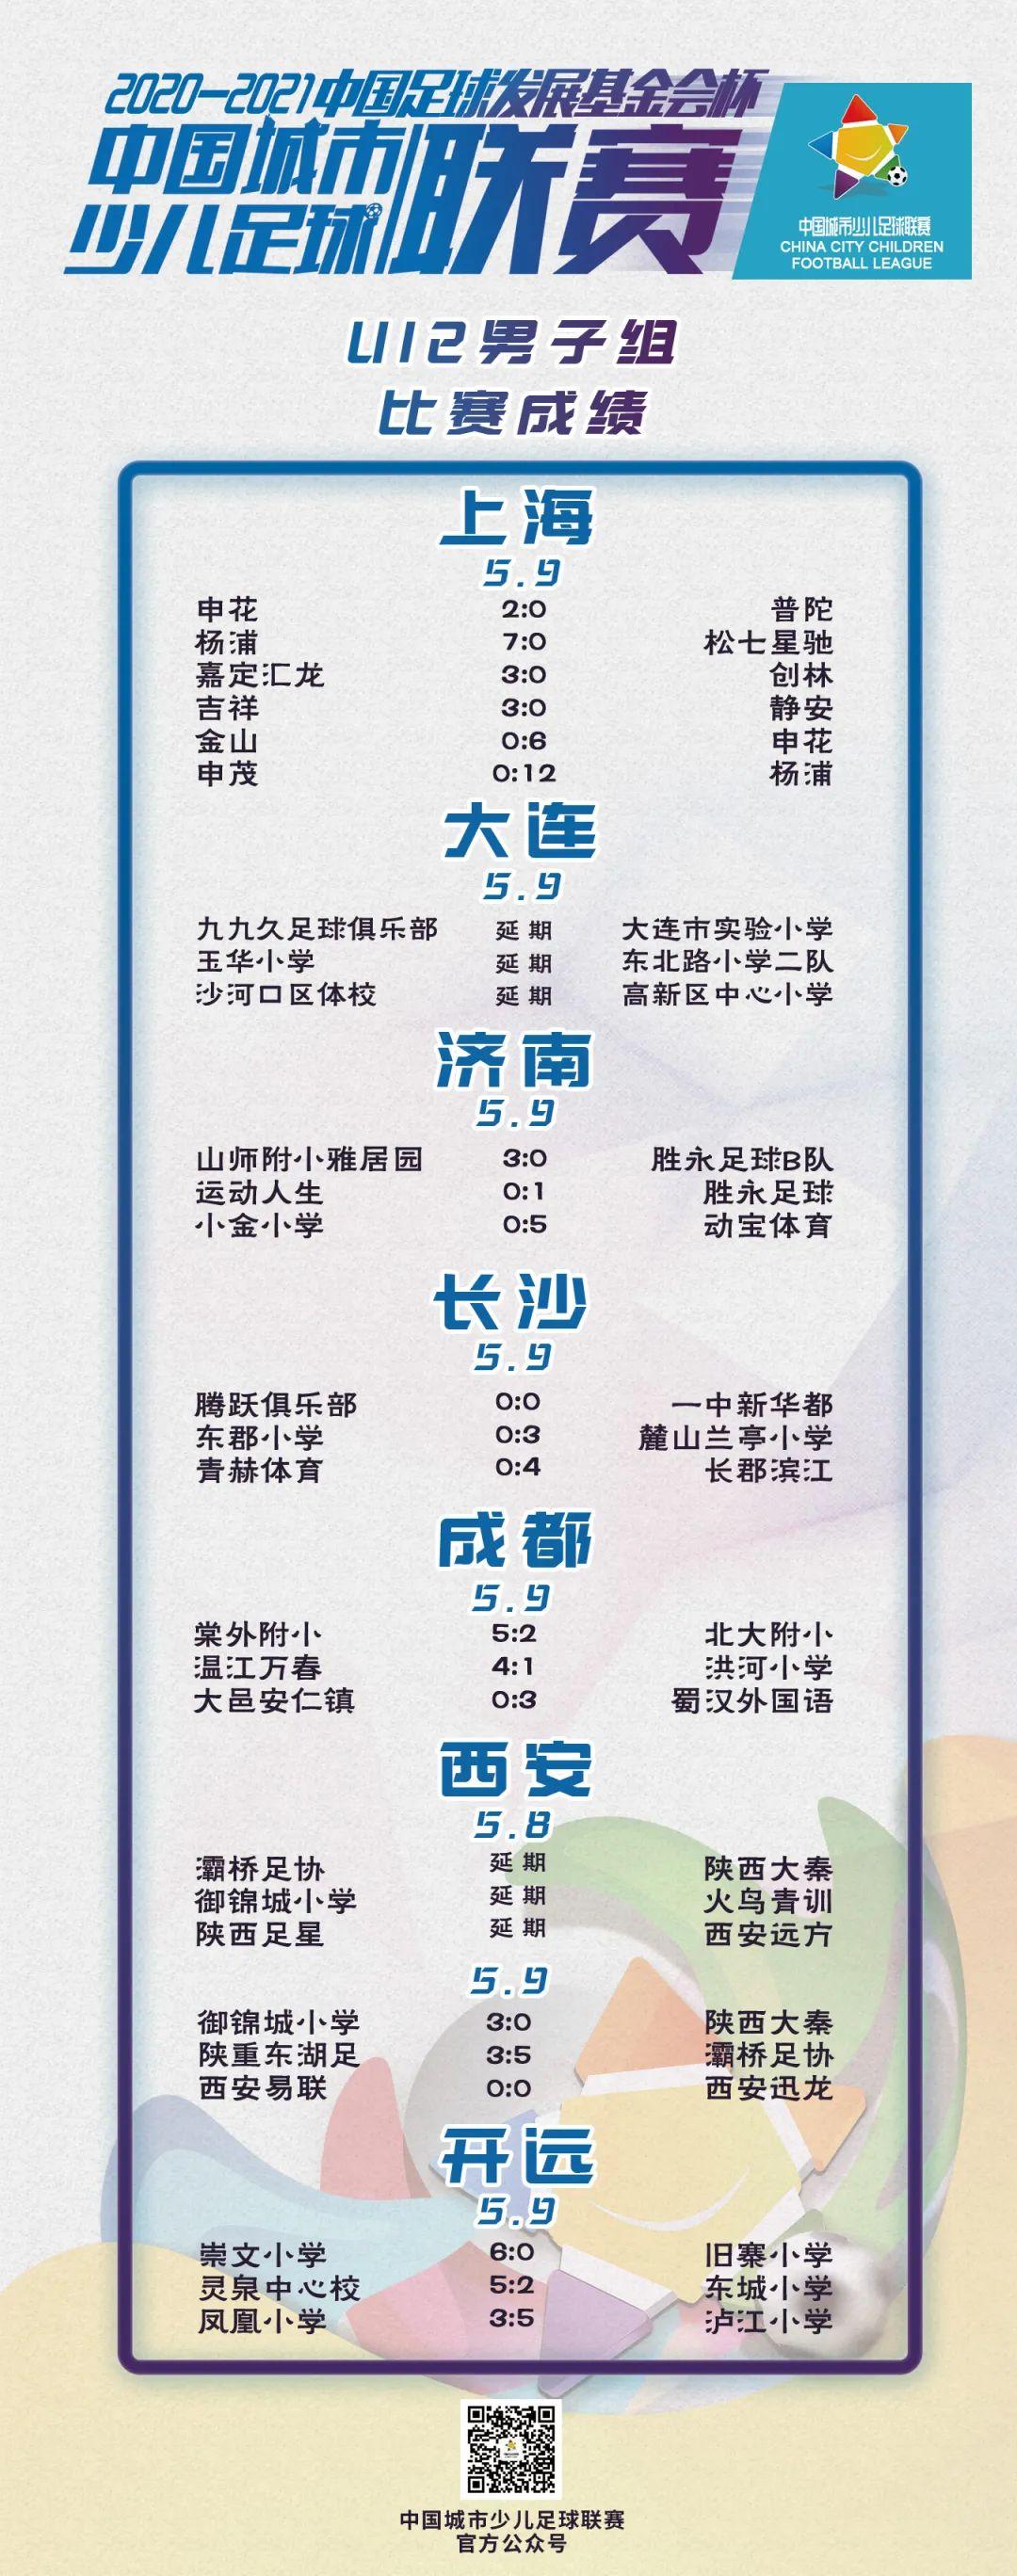 """成绩公示(部分)丨2020-2021""""中国足球发展基金会杯""""中国城市少儿足球联赛成绩公示(截至5月12日)"""